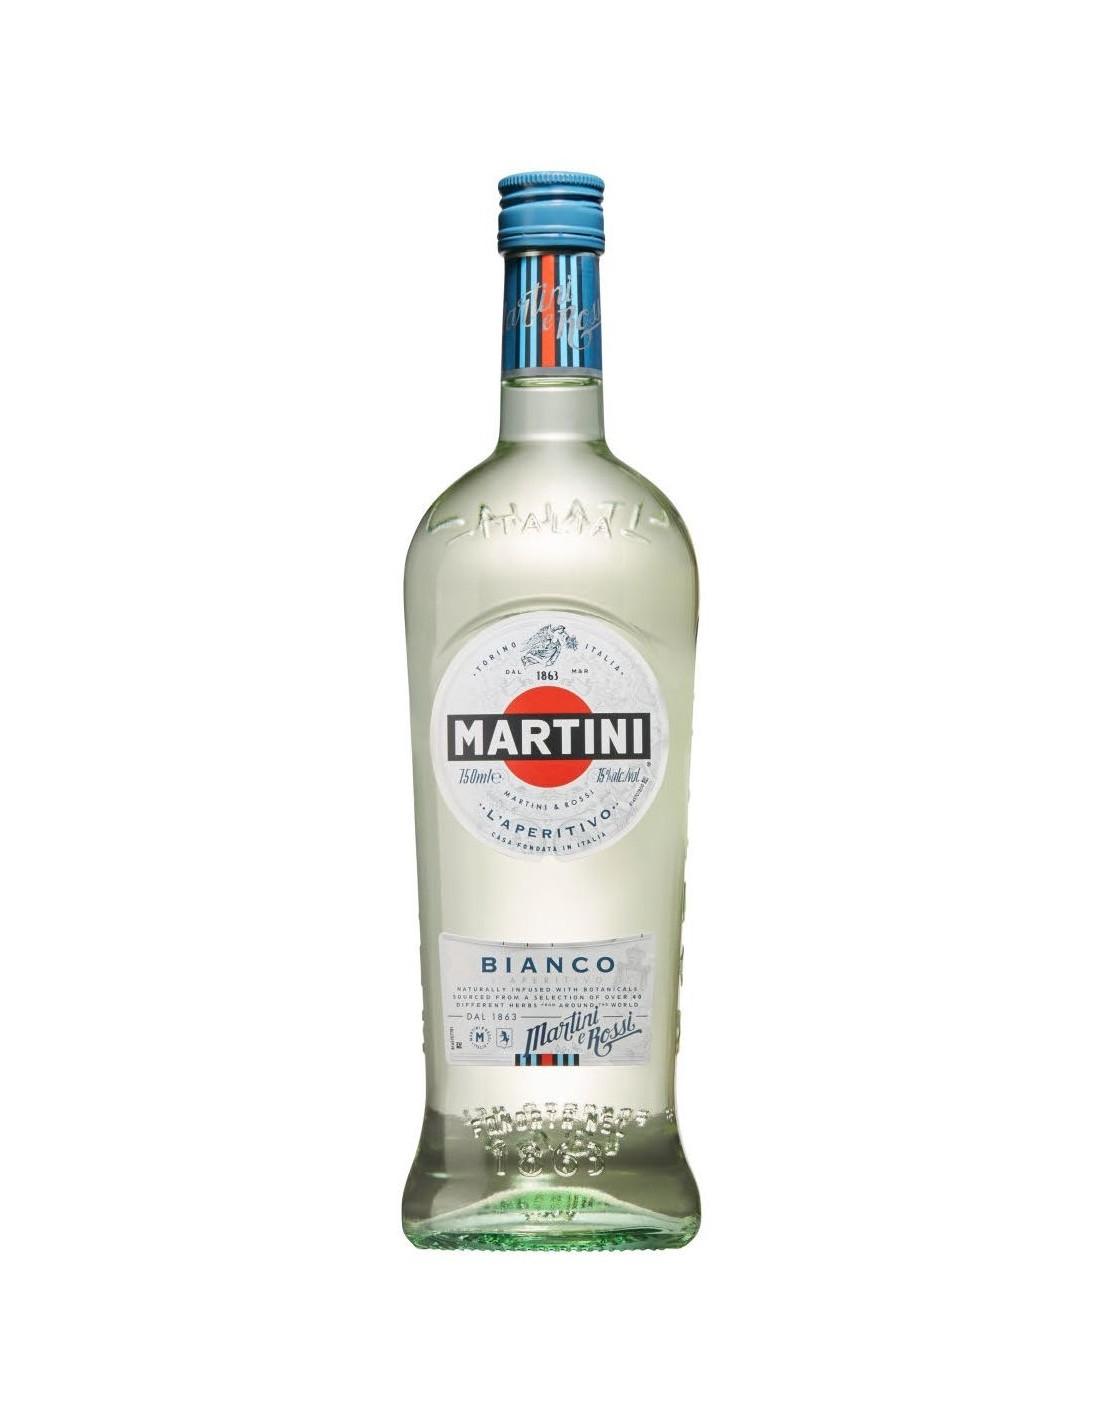 Aperitiv Martini Bianco, 14.4% alc., 1L, Italia